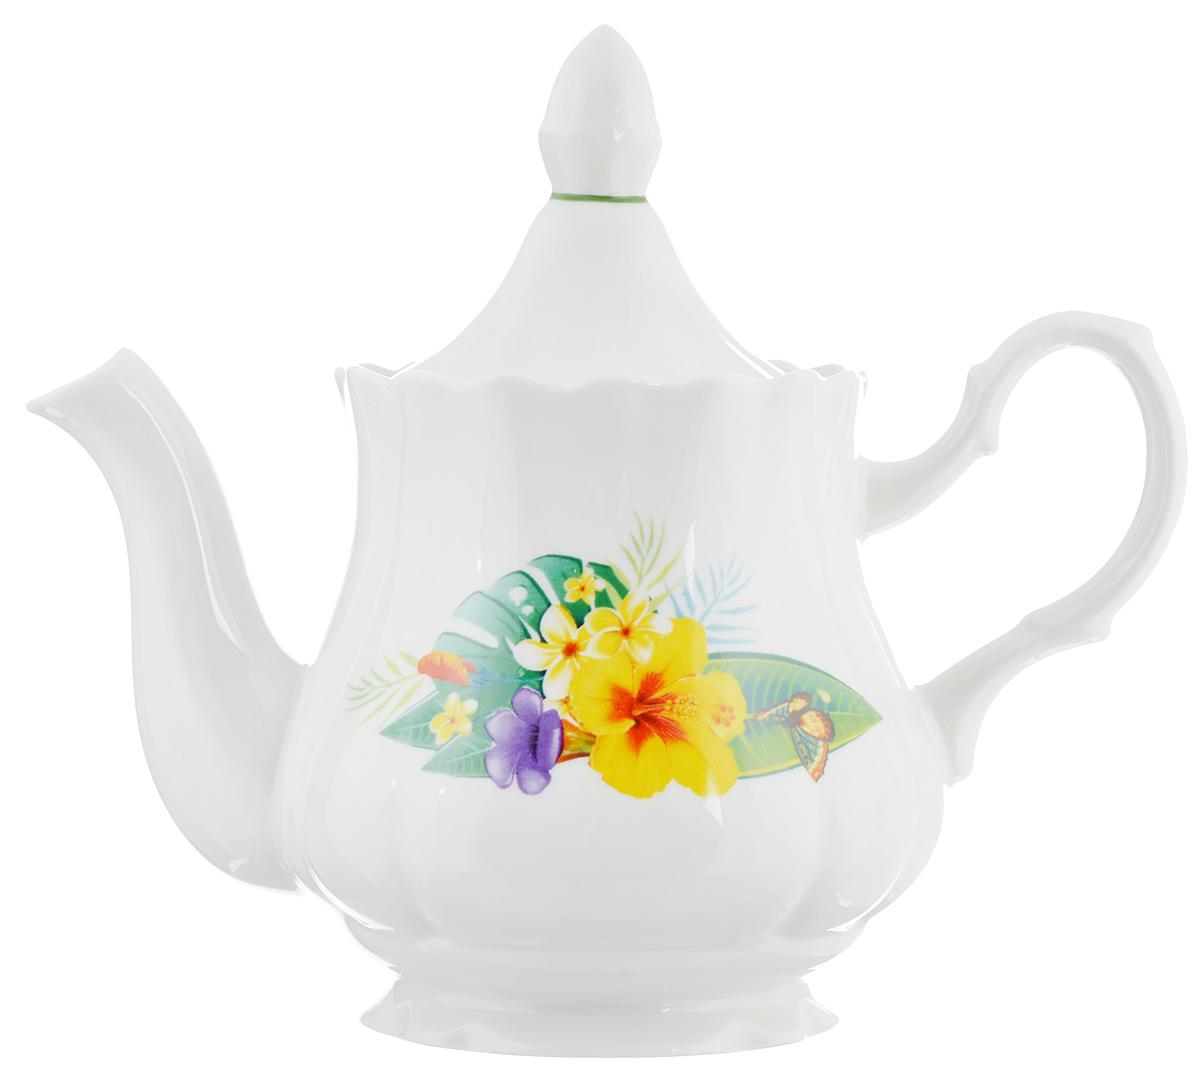 Чайник заварочный Романс. Райский остров, 800 мл391602Заварочный чайник Романс. Райский остров выполнен из высококачественного фарфора и покрыт сверкающей глазурью. Изделие оформлено ярким цветочным рисунком и оснащено крышкой. Заварочный чайник Романс. Райский остров придется по вкусу и ценителям классики, и тем, кто предпочитает утонченность и изысканность.Диаметр (по верхнему краю): 10 см. Высота чайника (без учета крышки): 12,5 см.